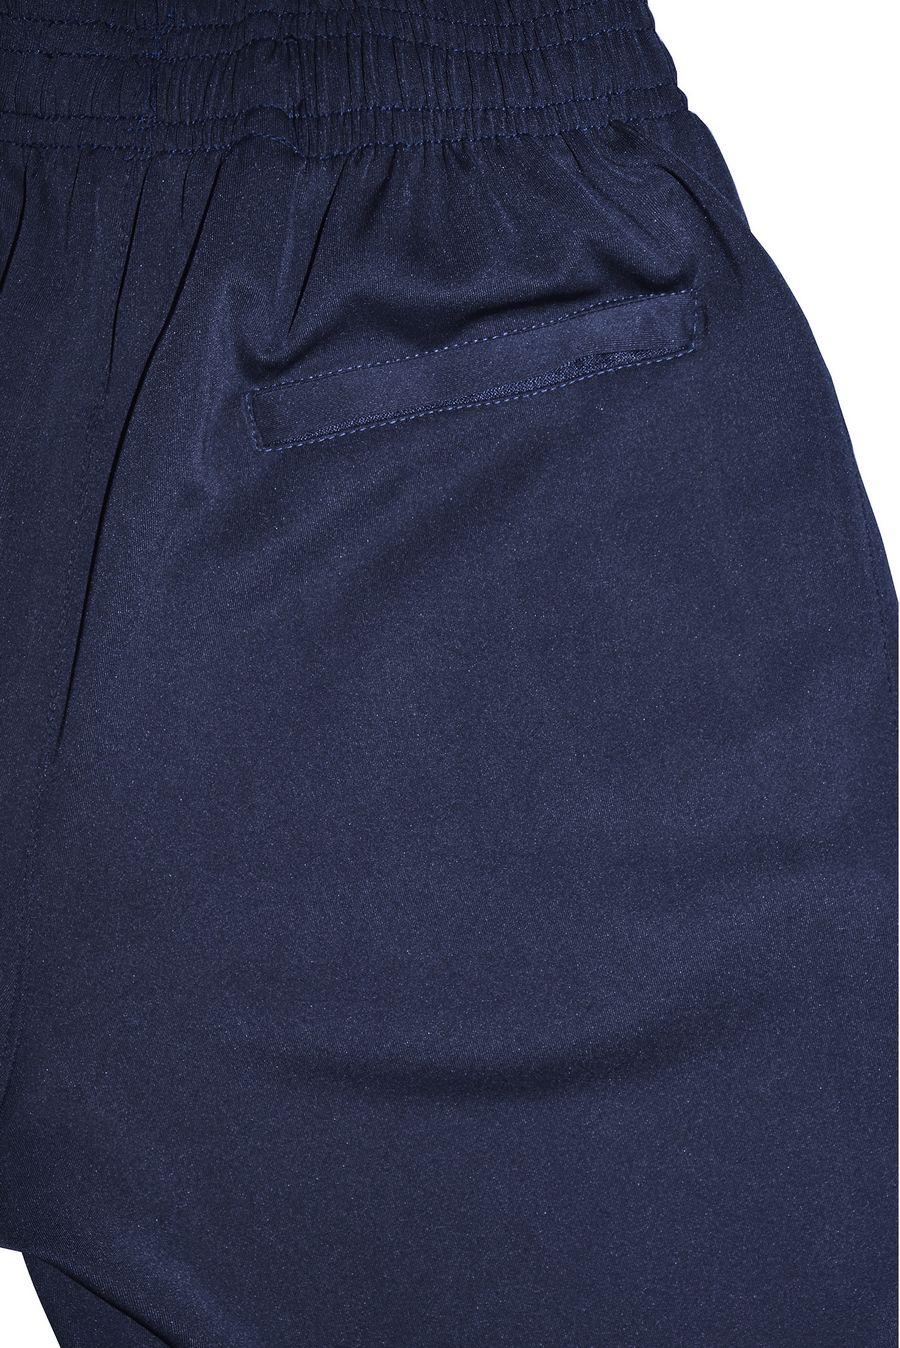 Брюки мужские GL 104 синие - фото 2